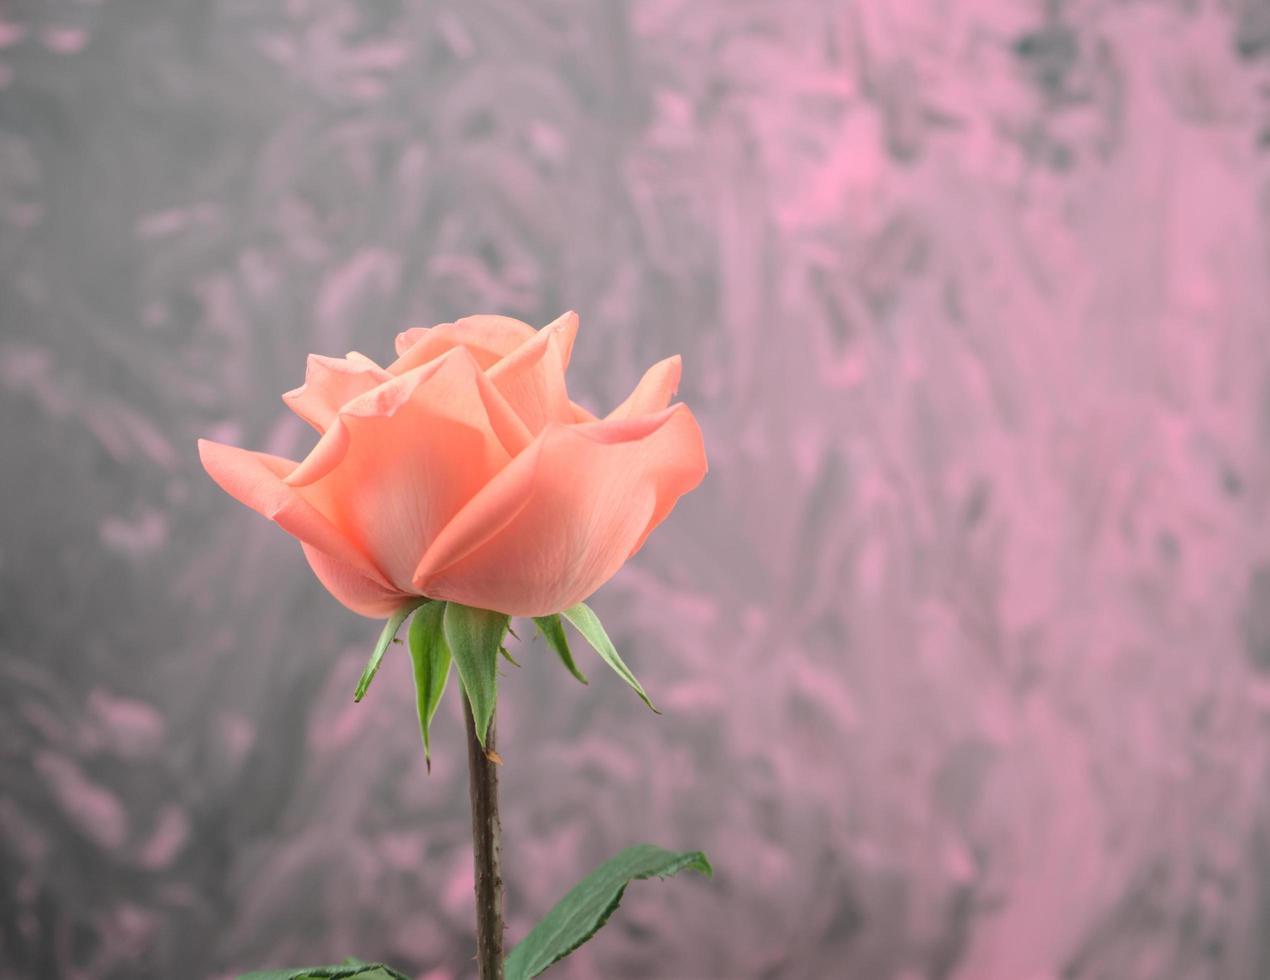 Kopf an, Seitenansicht einer einzelnen blühenden orange und rosa Rose foto